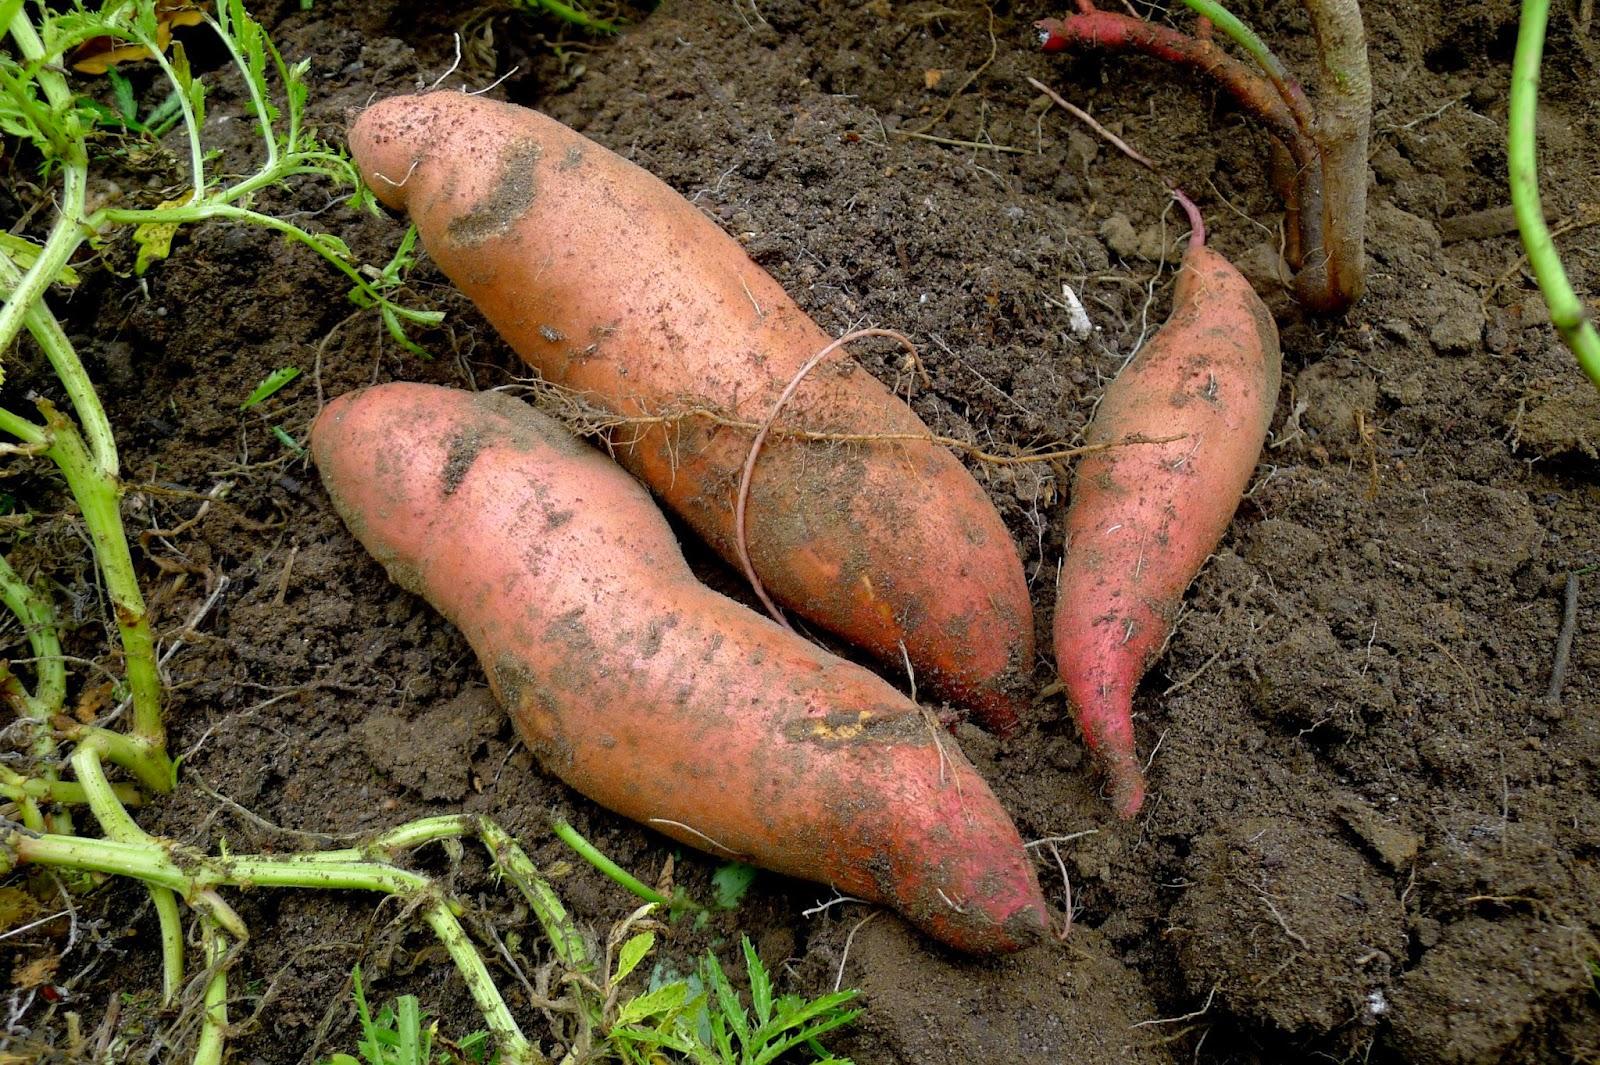 Beauregard Sweet Potatoes, urban farming, gardening, curing sweet potatoes